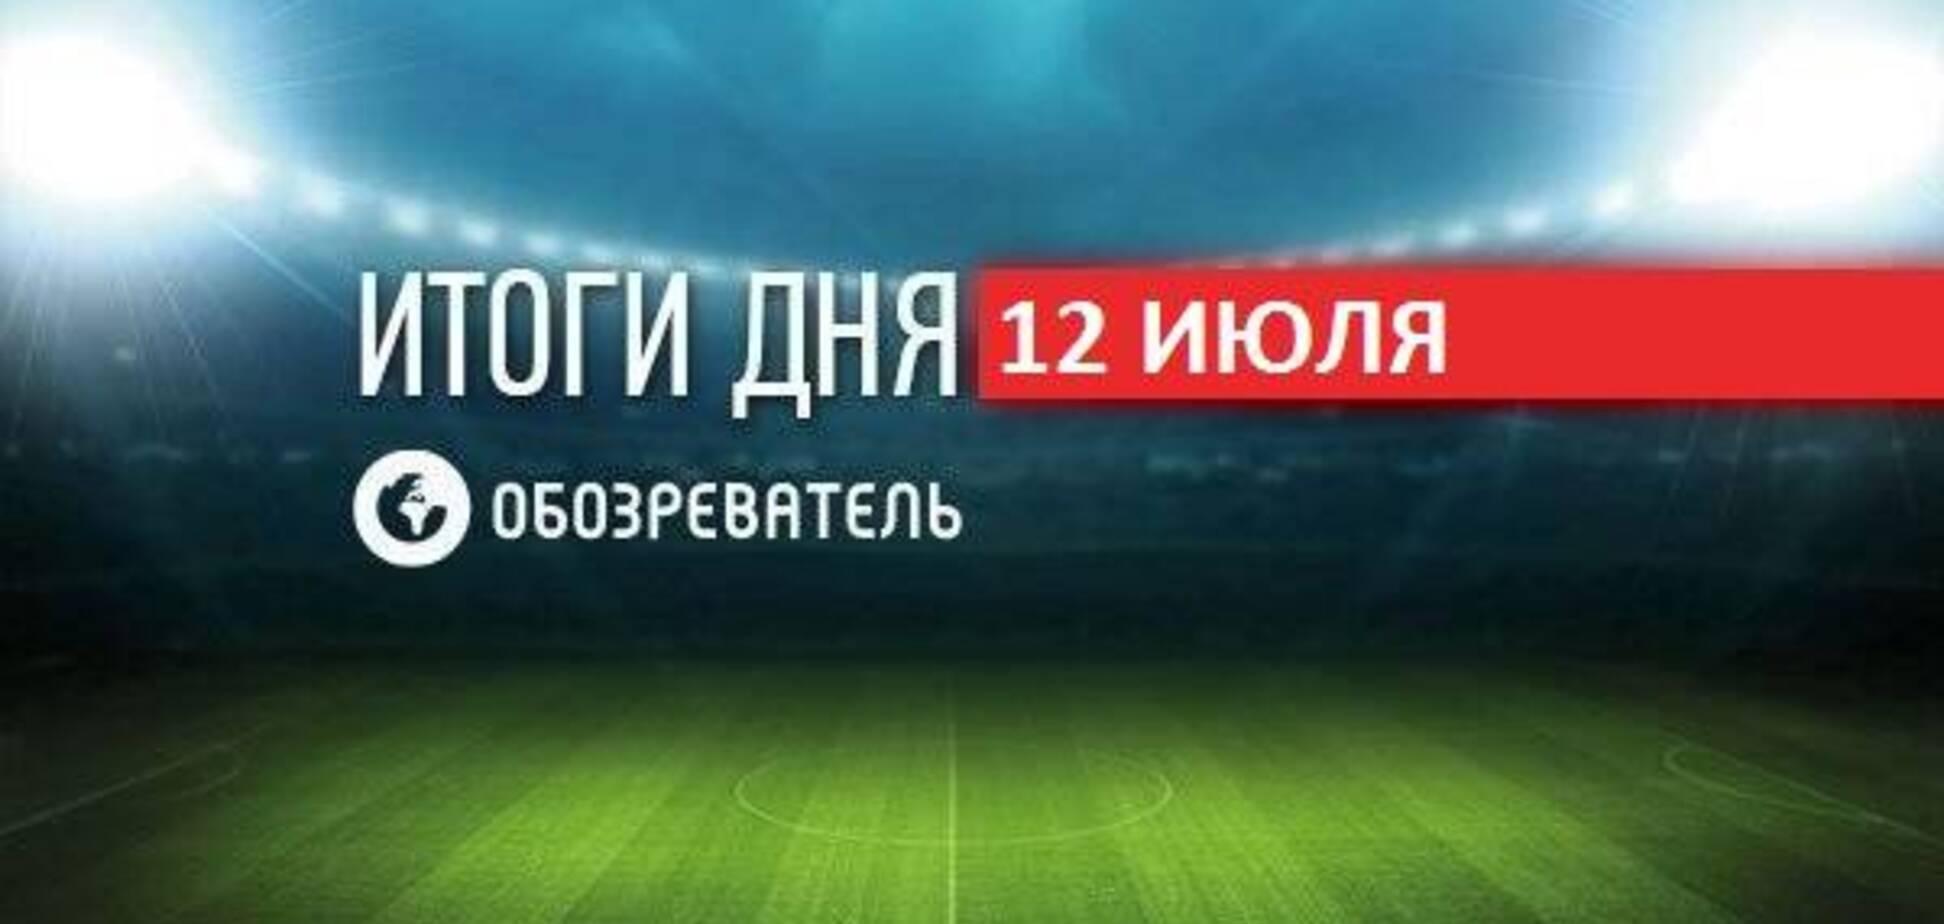 'Динамо' не змогло обіграти 'Олександрію': спортивні підсумки 12 липня